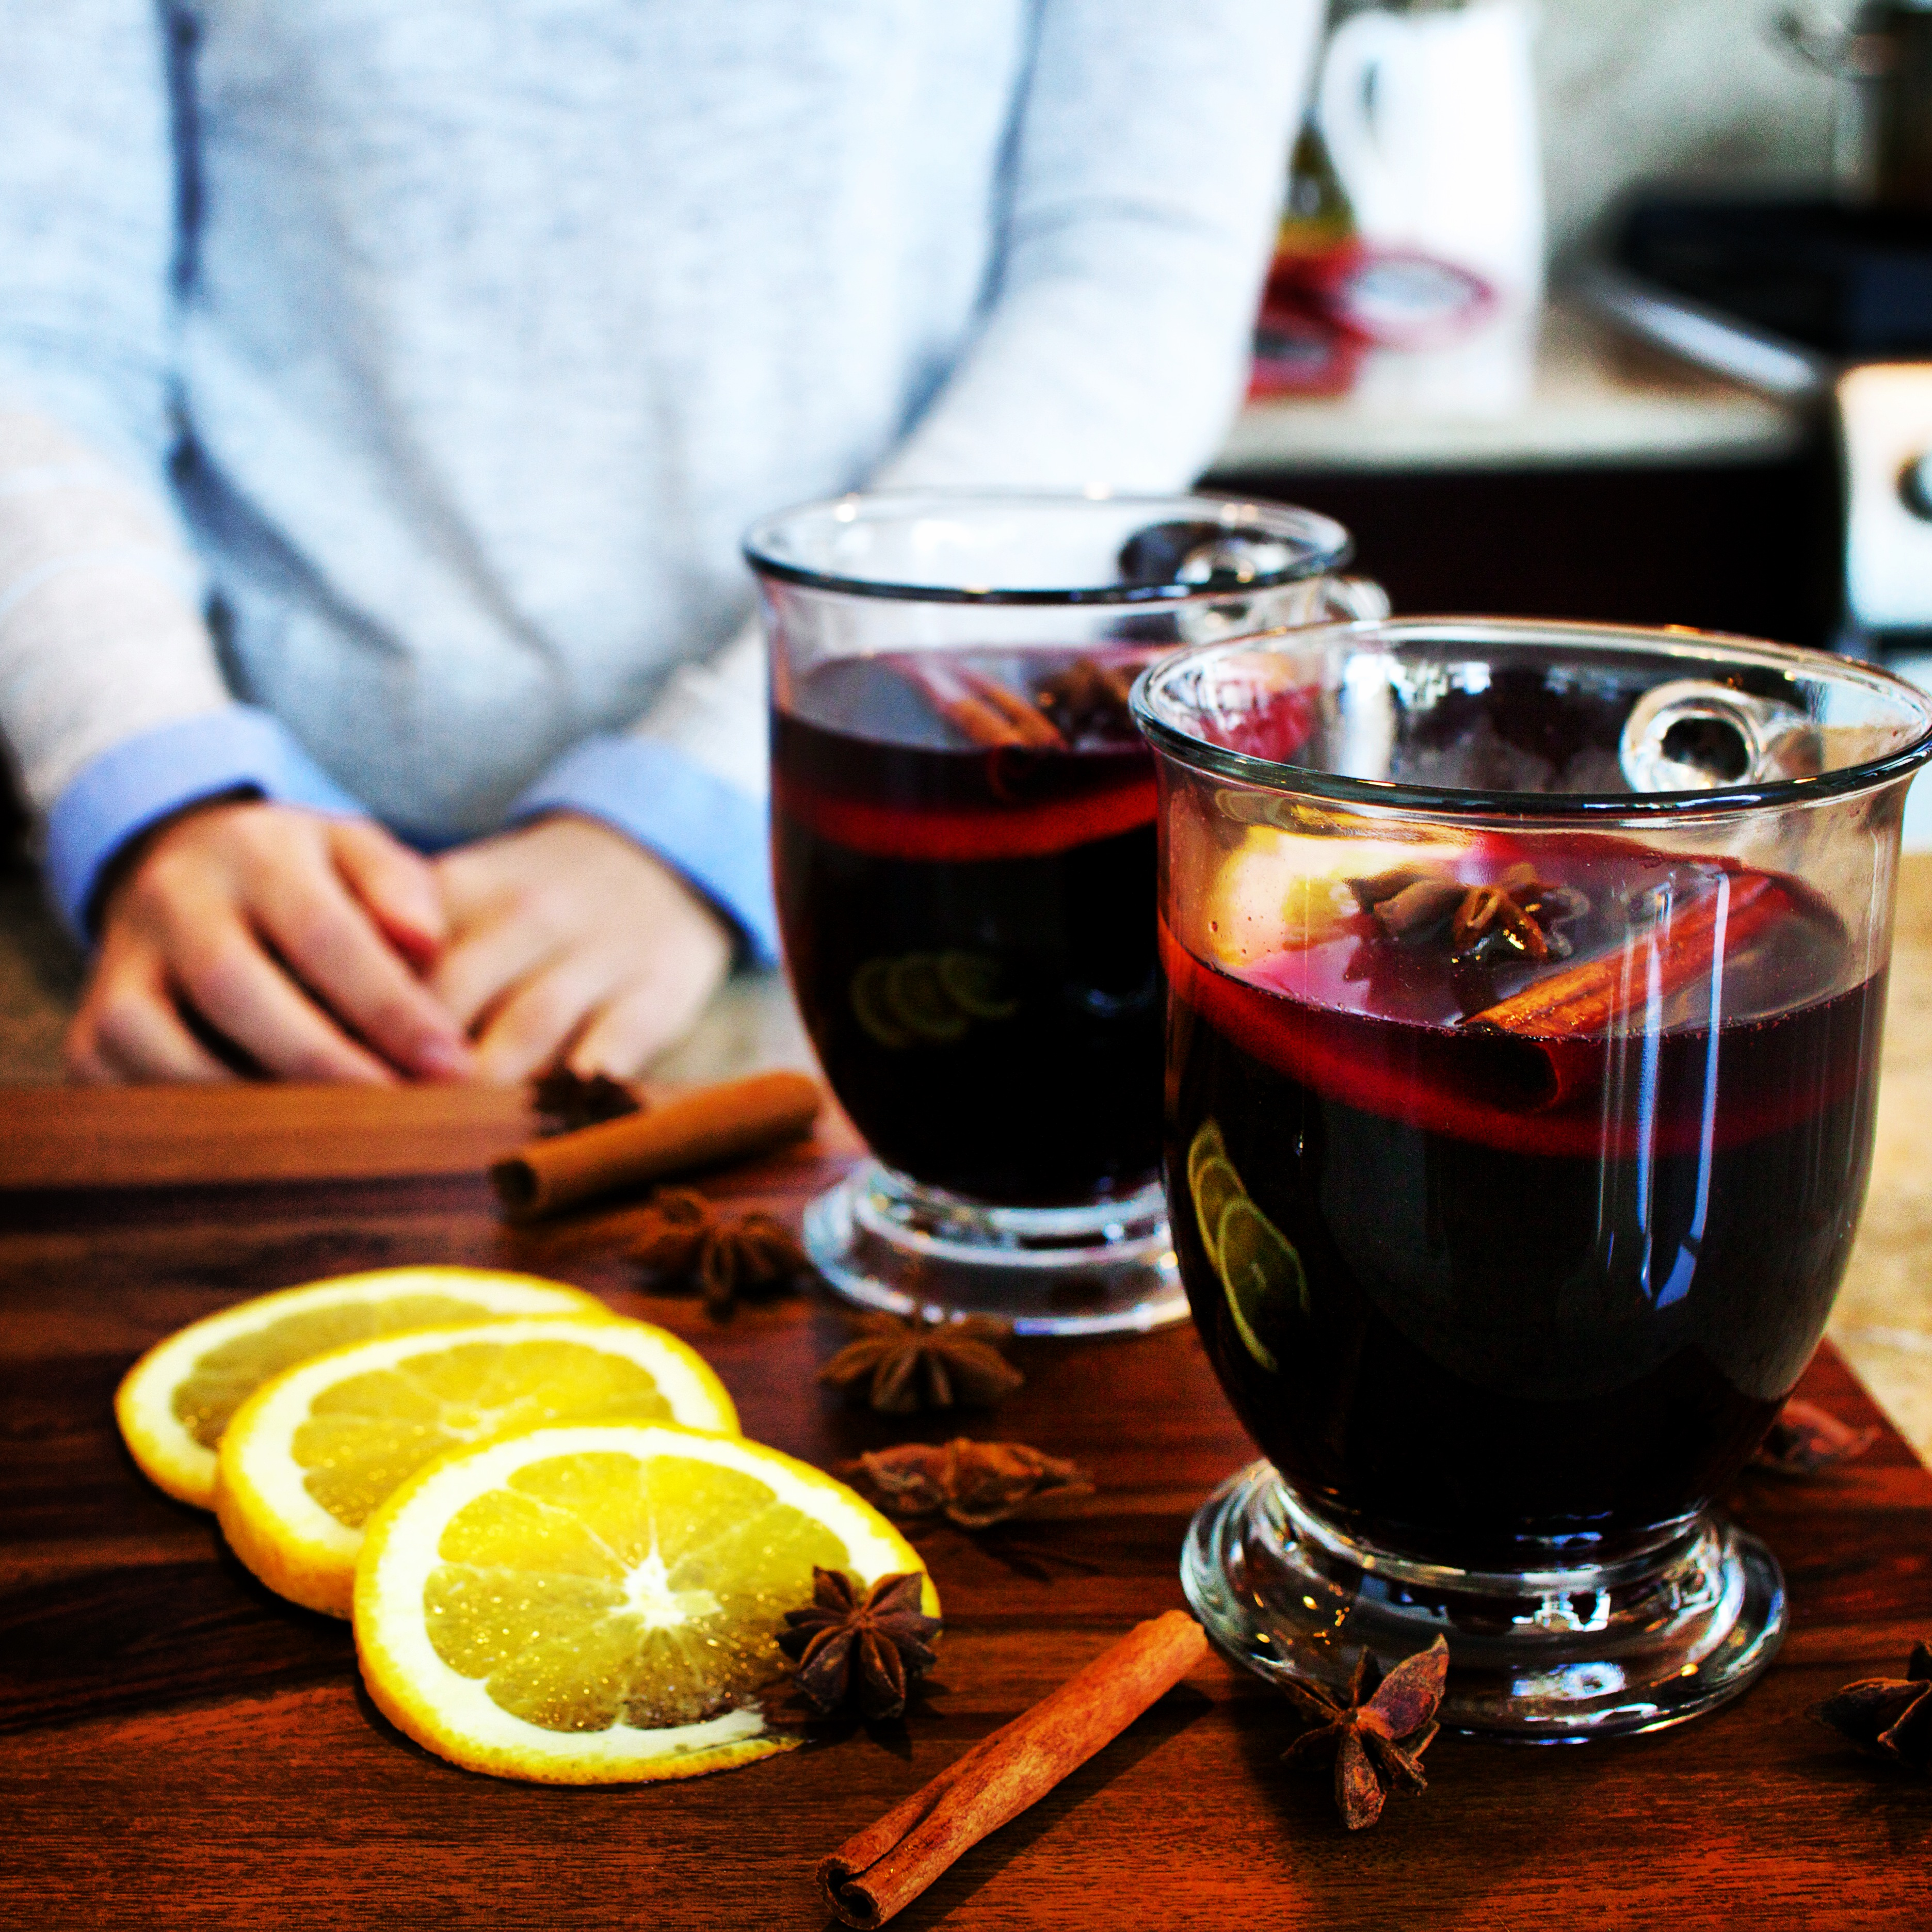 Как приготовить глинтвейн в микроволновке: классический рецепт с вином и безалкогольный вариант - фото №1